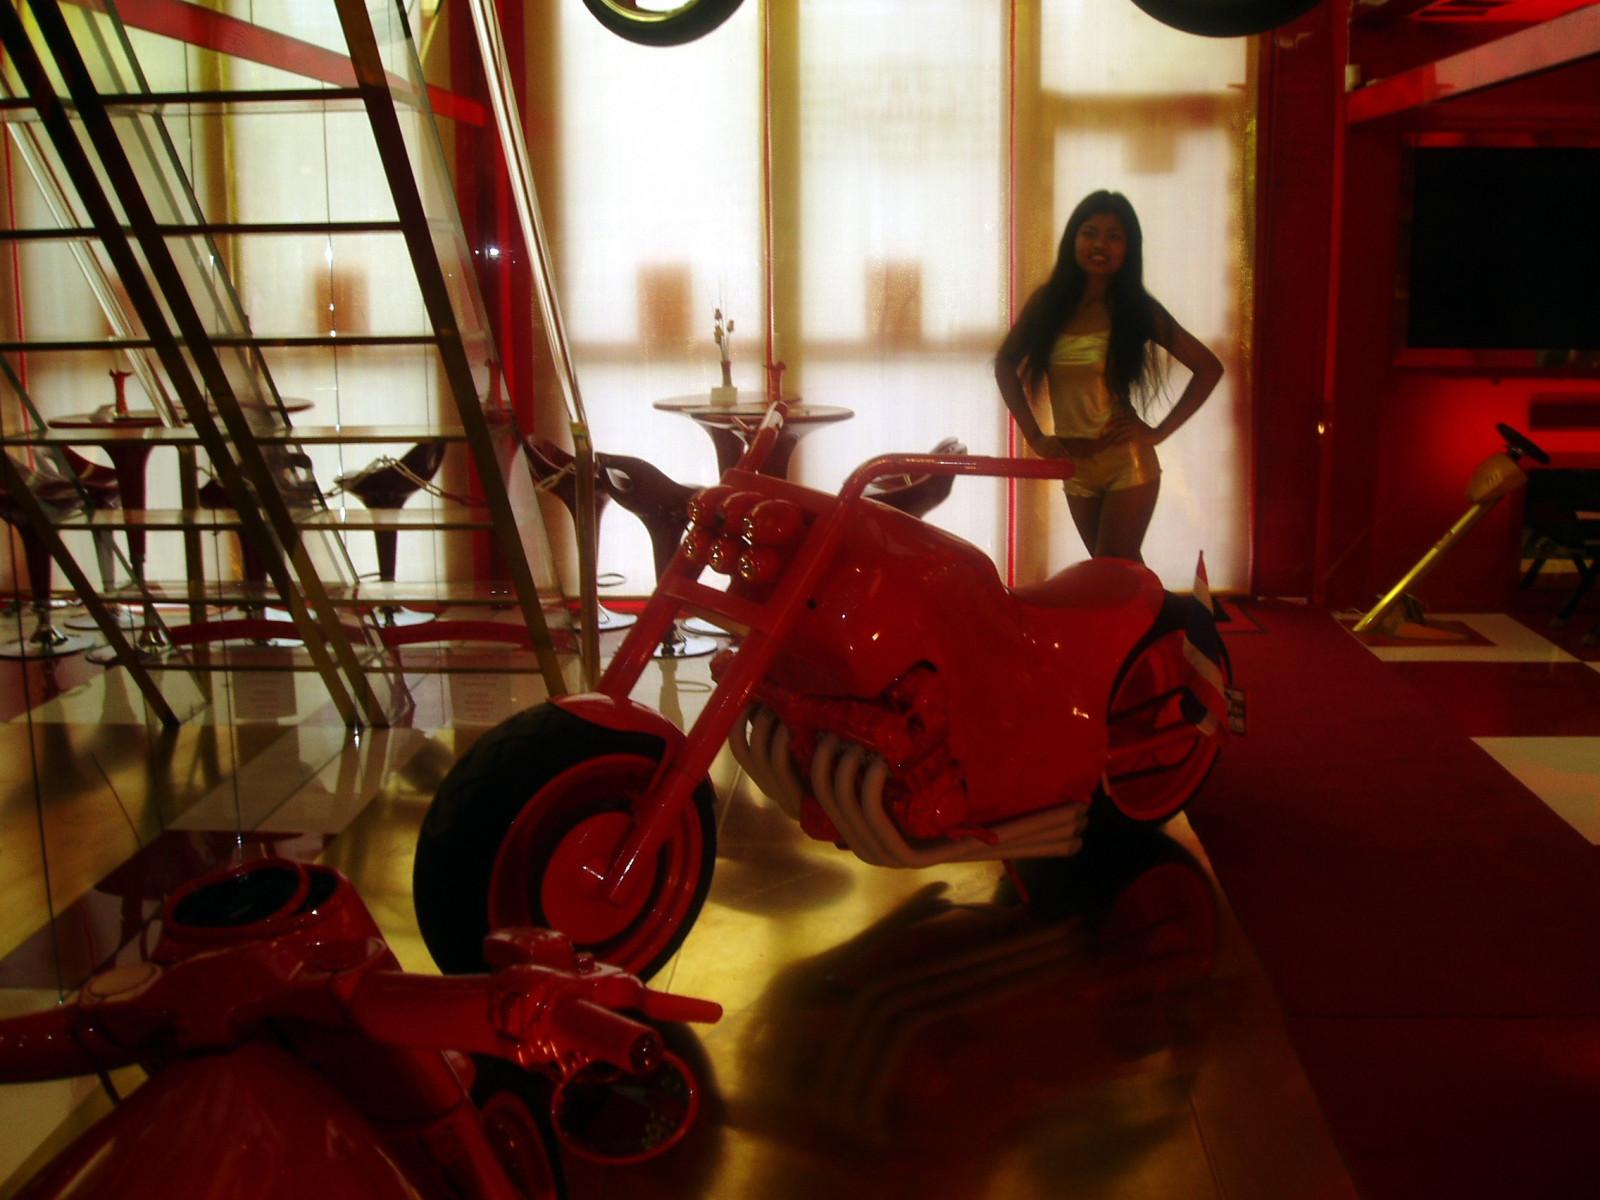 customracemuseum_img1560